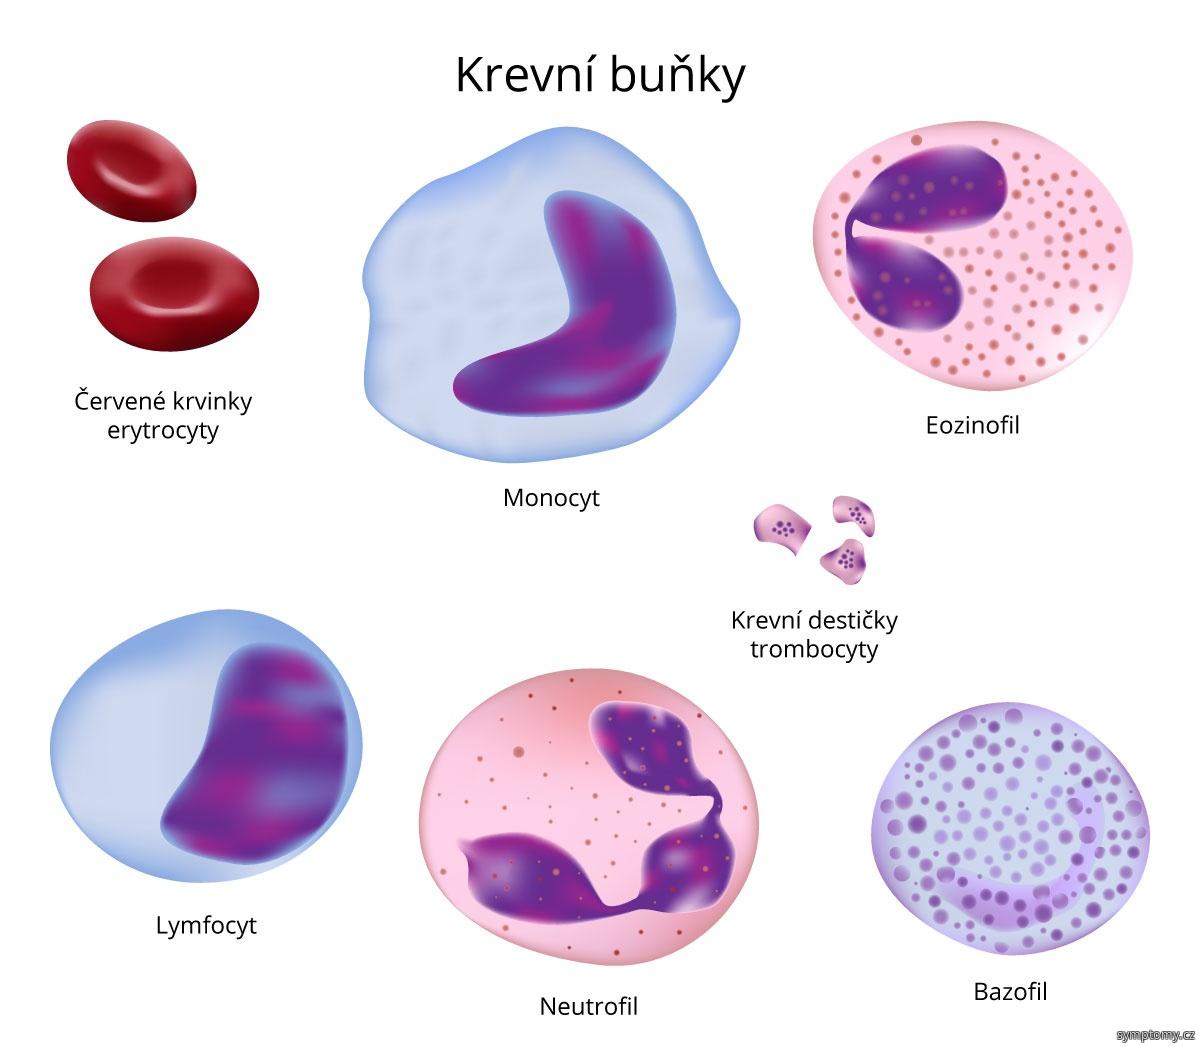 Krevní buňky - entrocity, monocyt, ezinofil, trombocyty, lymfocyt, neutrofil, bazofil